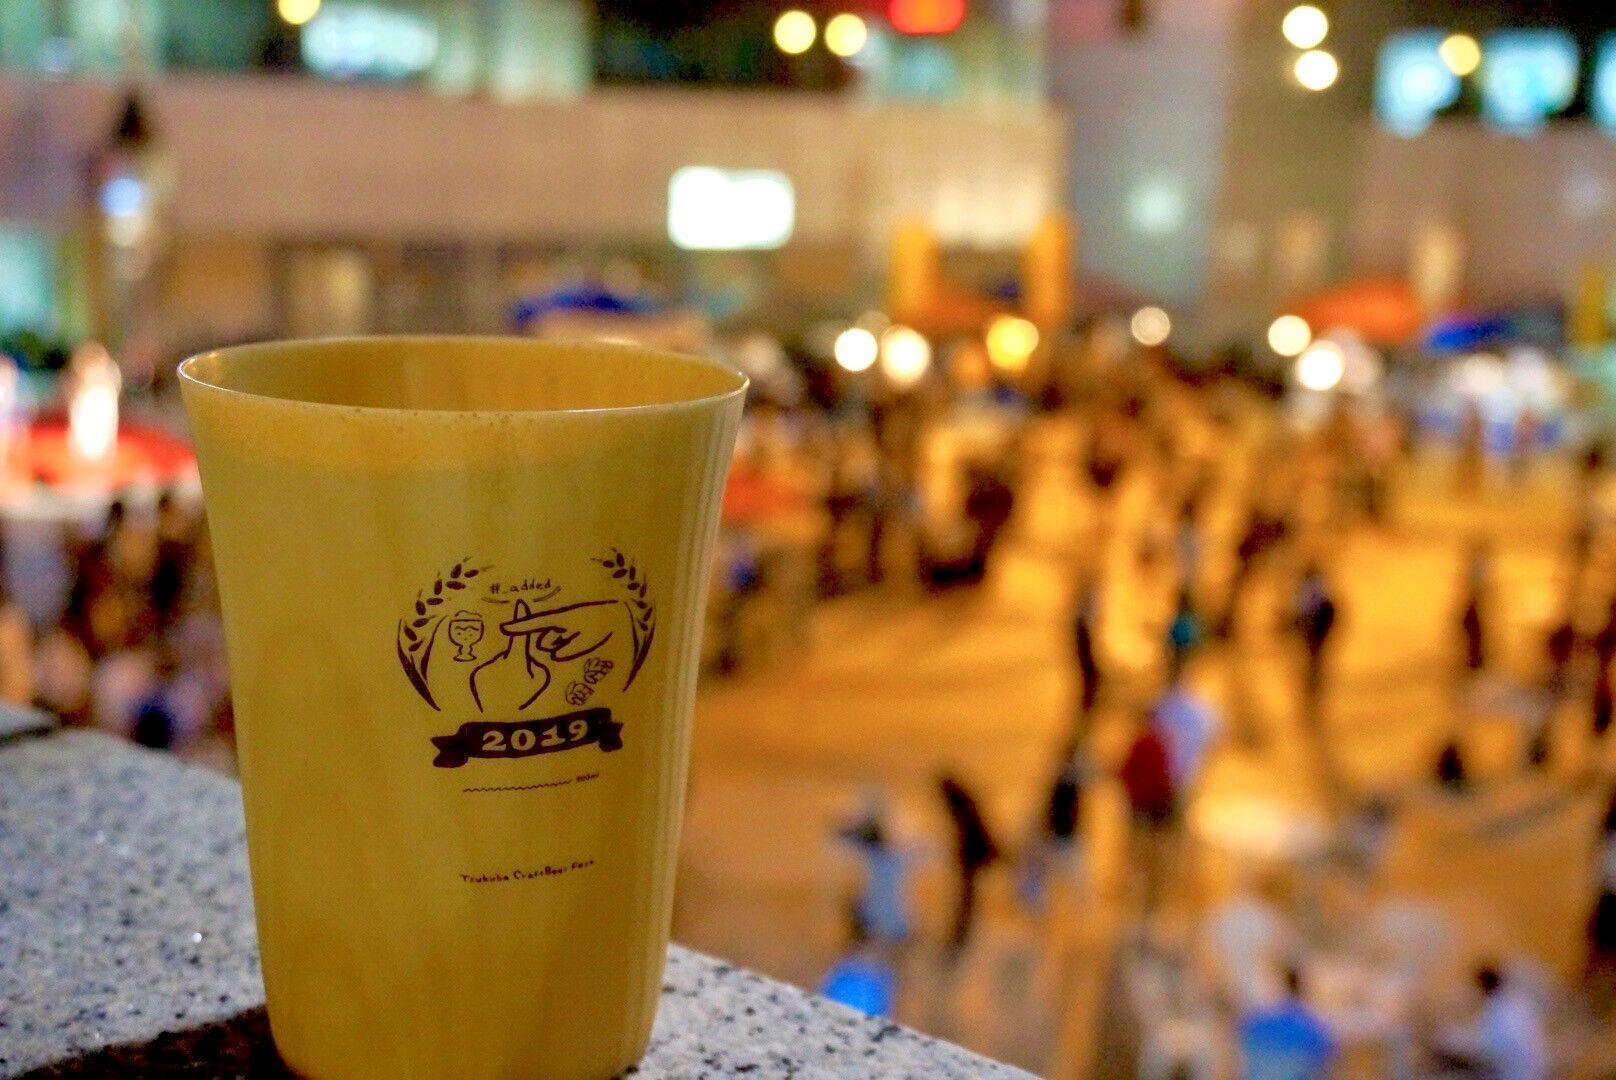 植物繊維から生まれたリユースできる世界初のエコカップ!ビールがおいしく飲める「森のタンブラー」を開発!